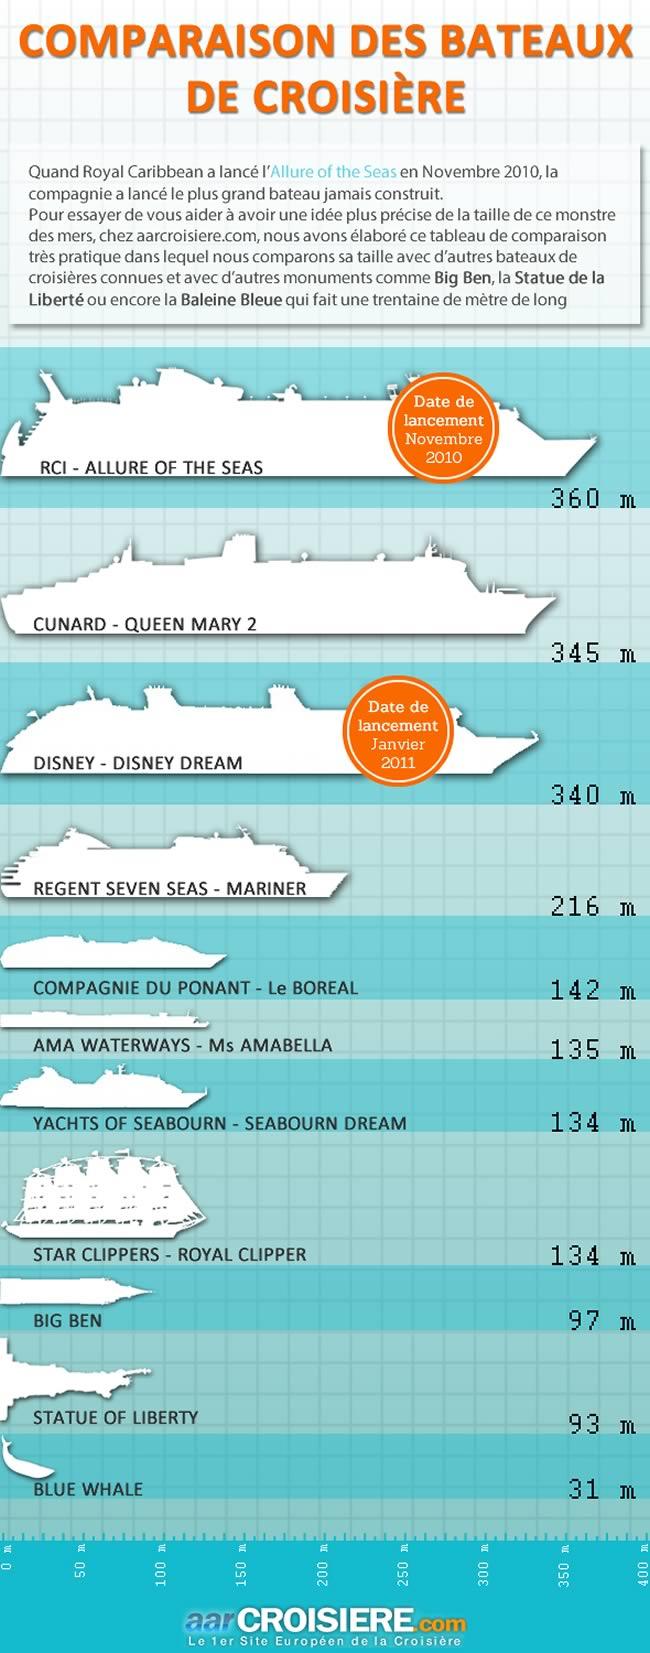 l'Allure of the Seas